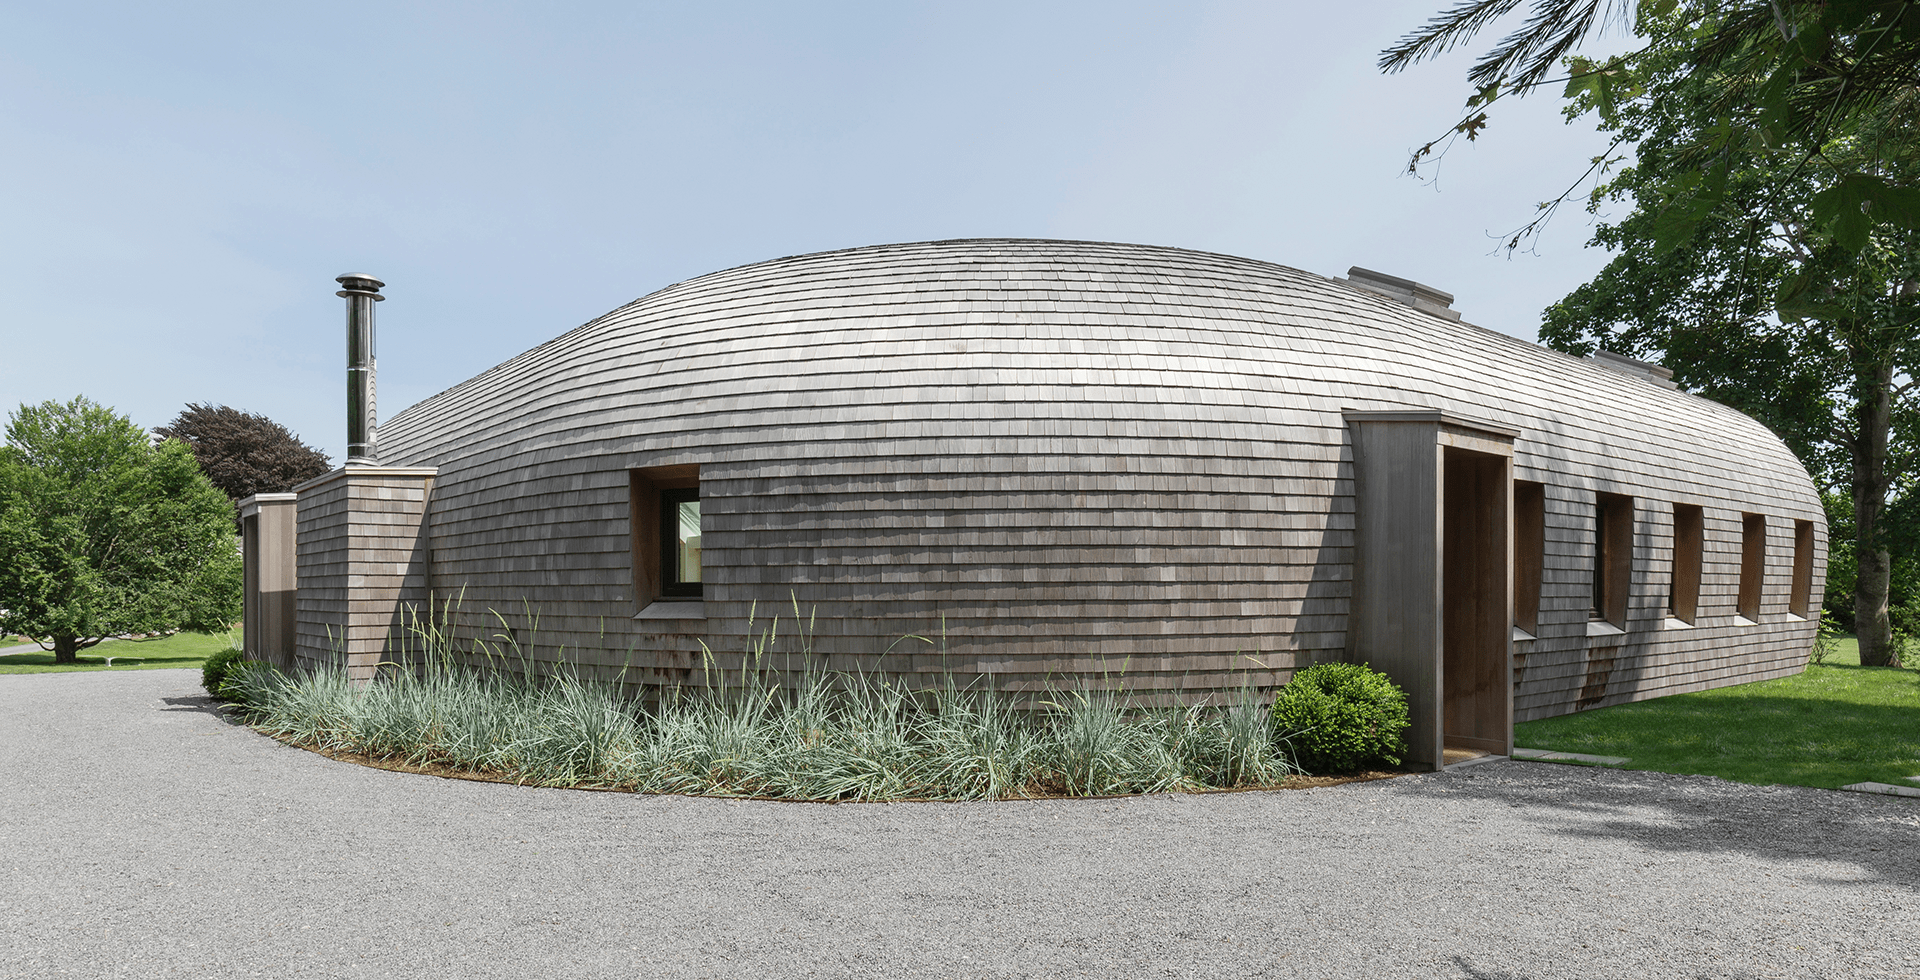 georoof acoperis lemn de cedru cabana conica